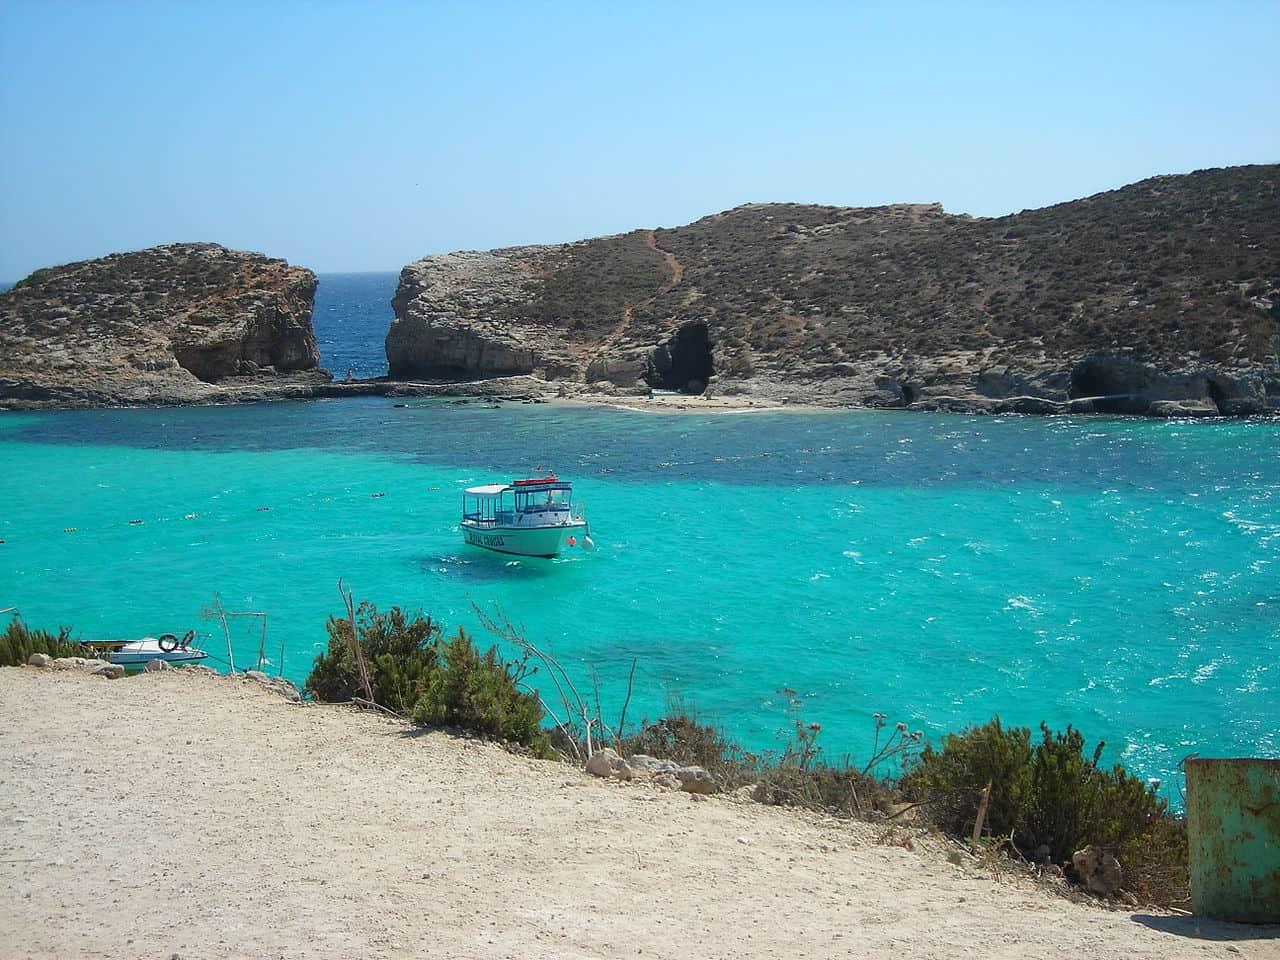 praias paradisicas em malta